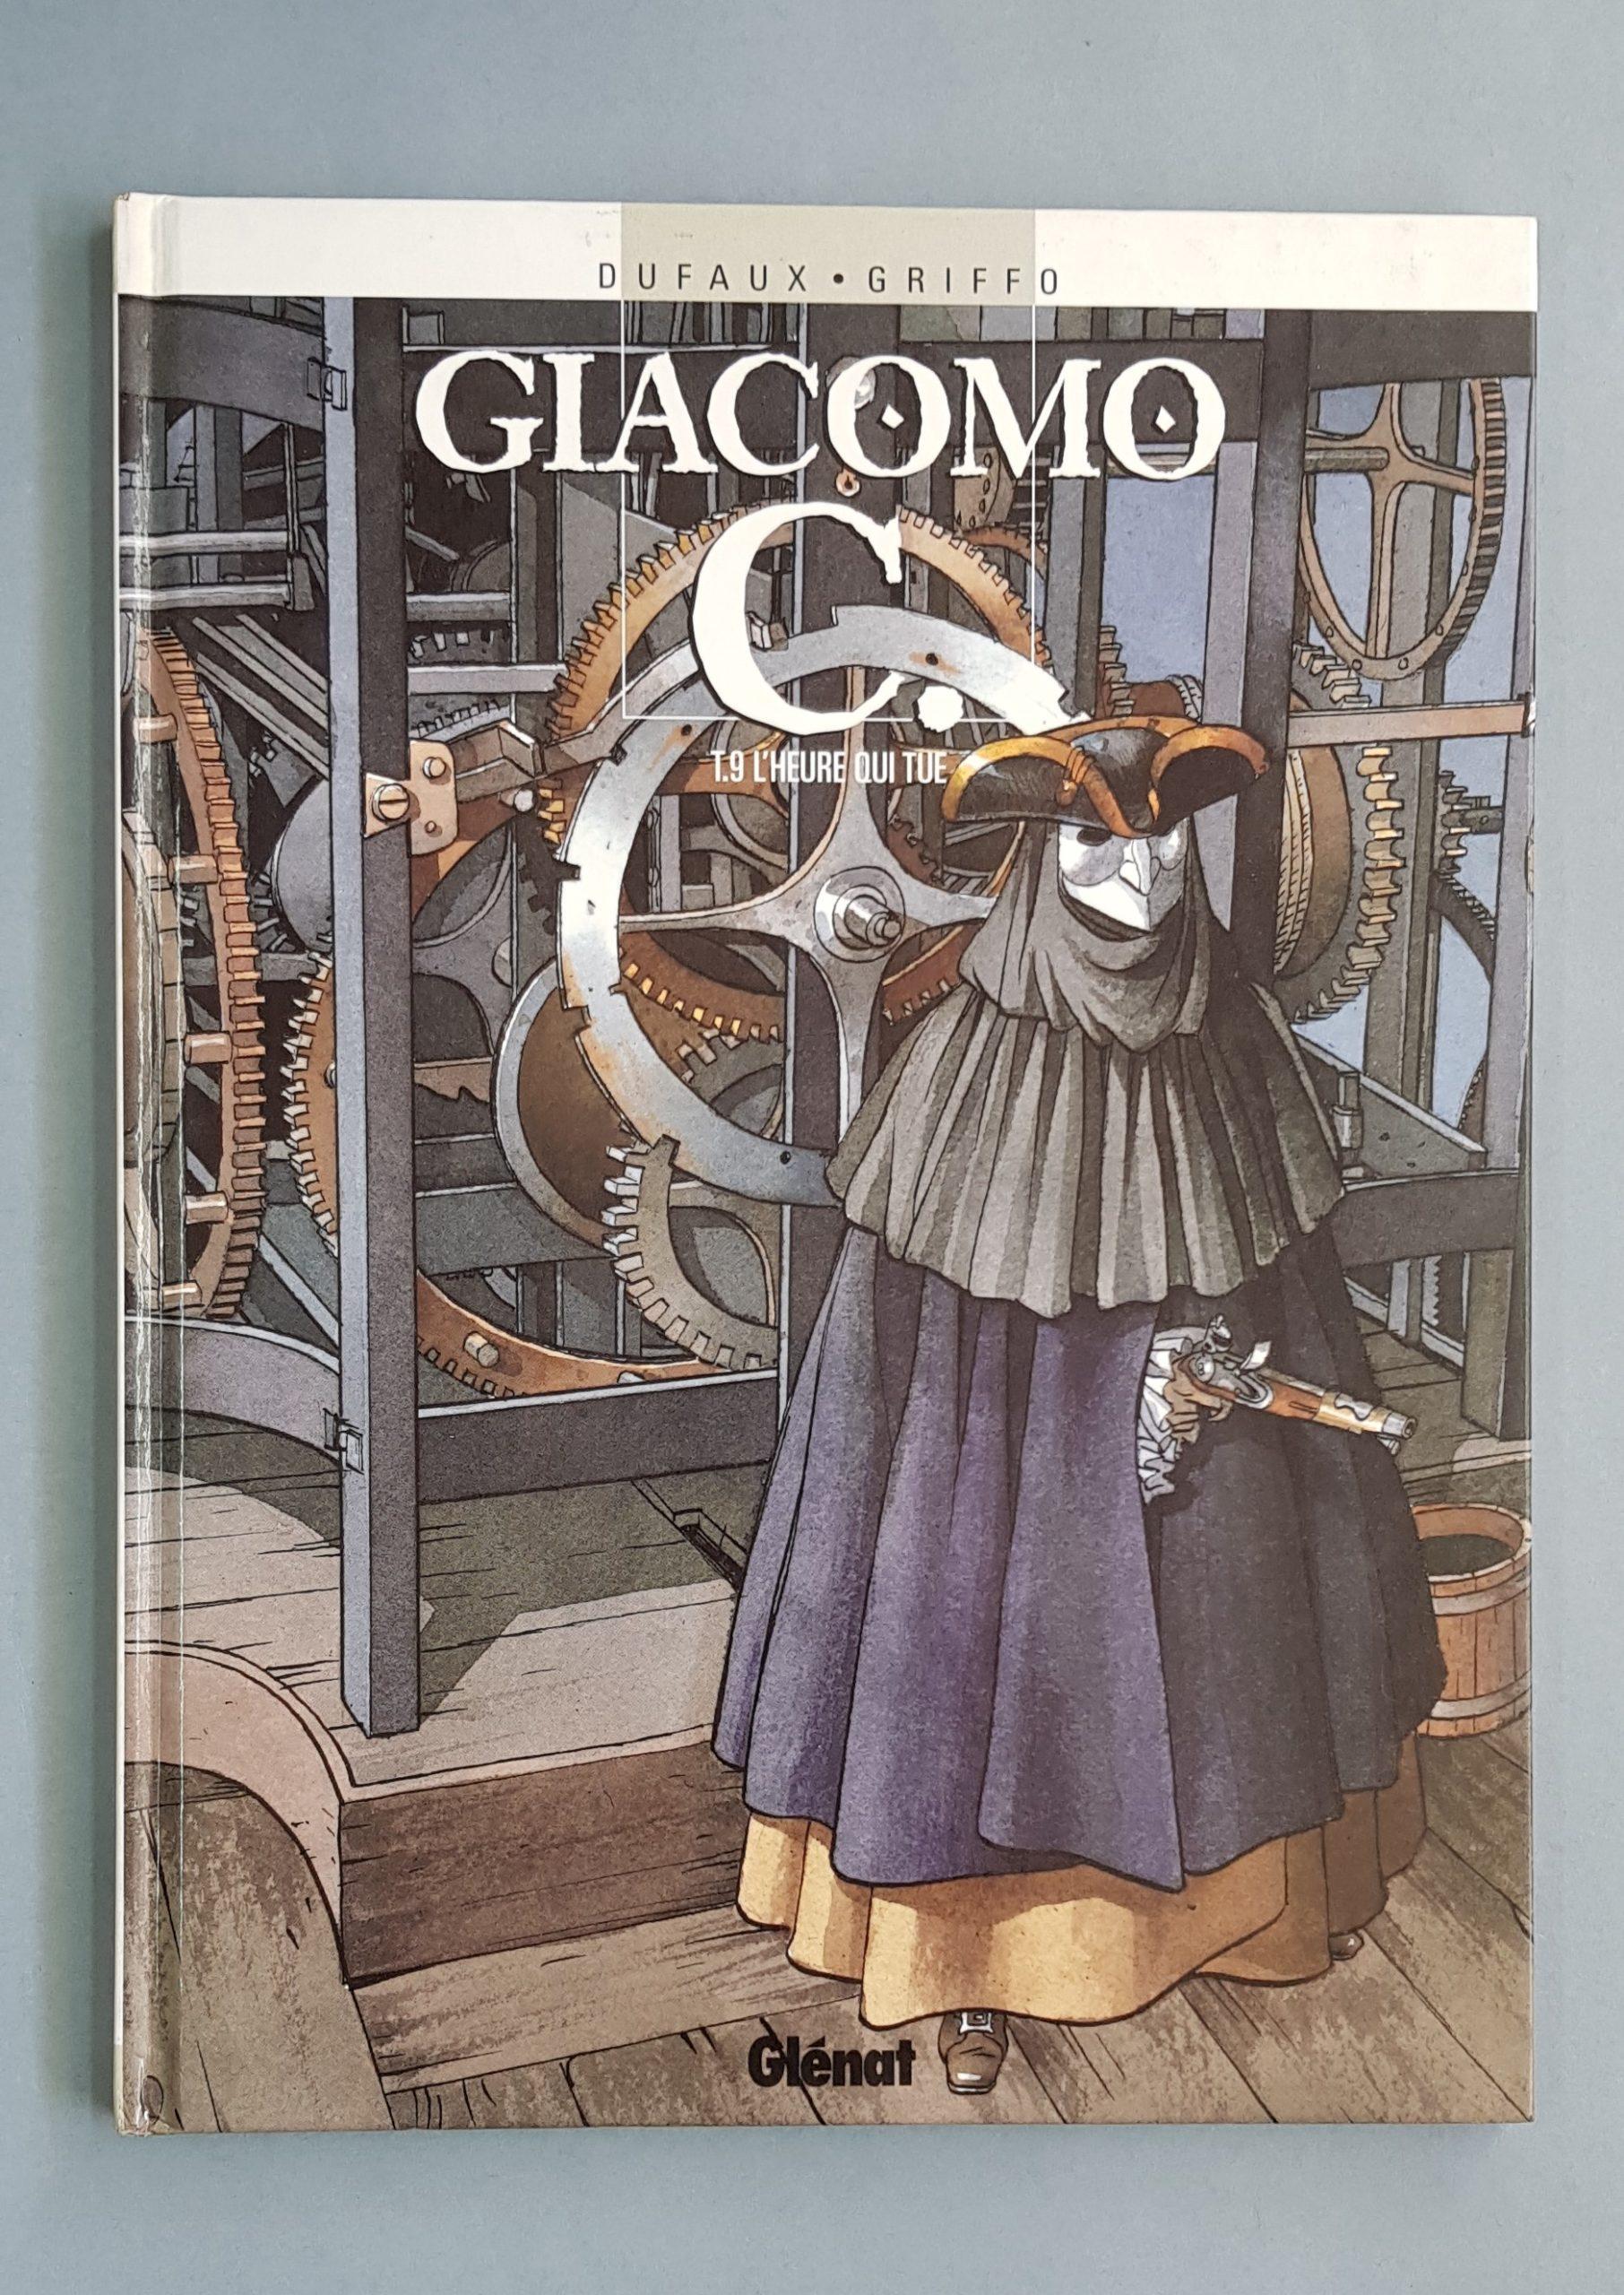 GIACOMO C. 9 – L'HEURE QUI TUE